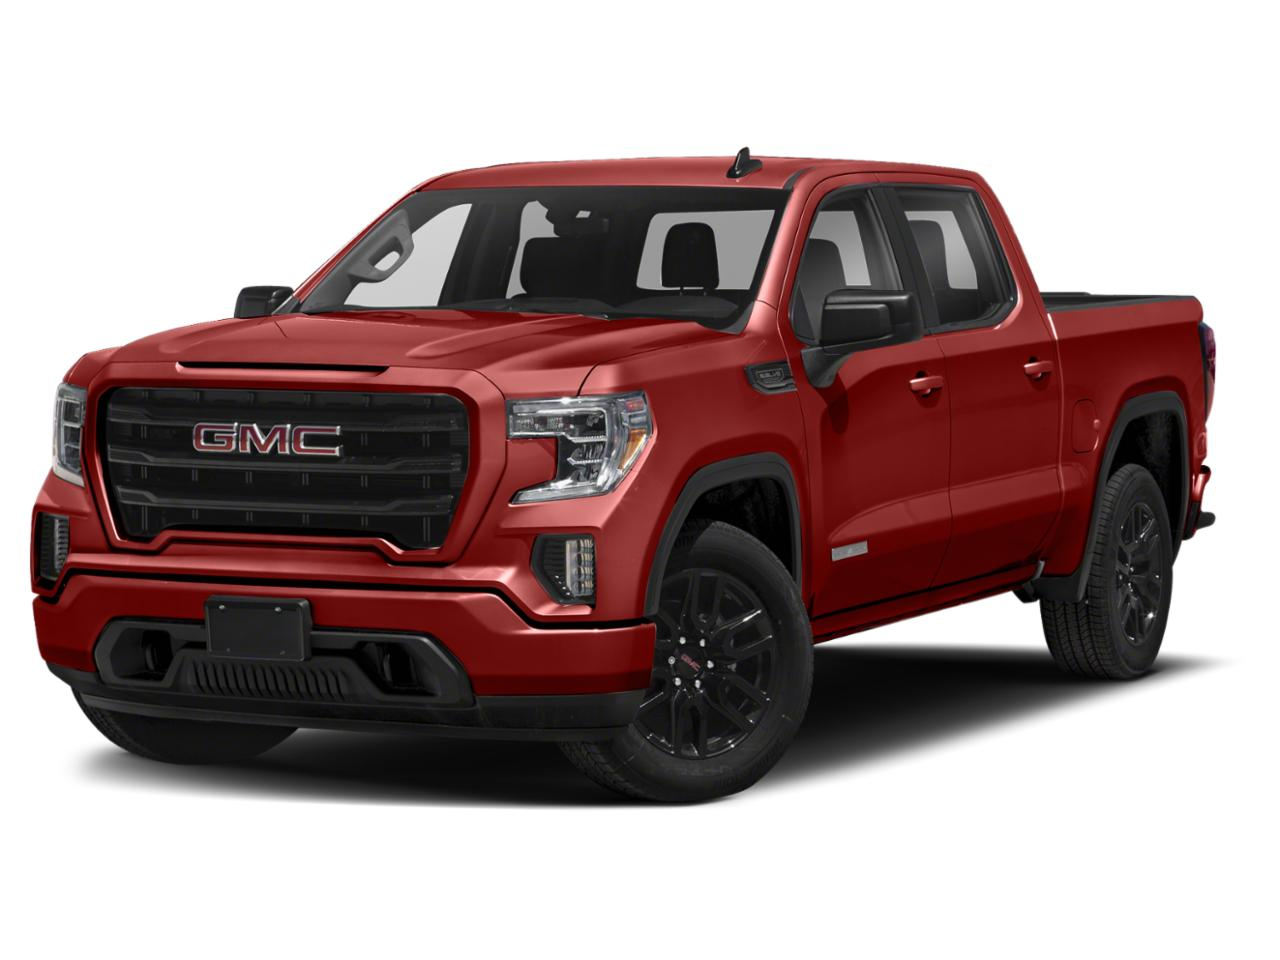 huntersville cardinal red 2021 gmc sierra 1500: new truck